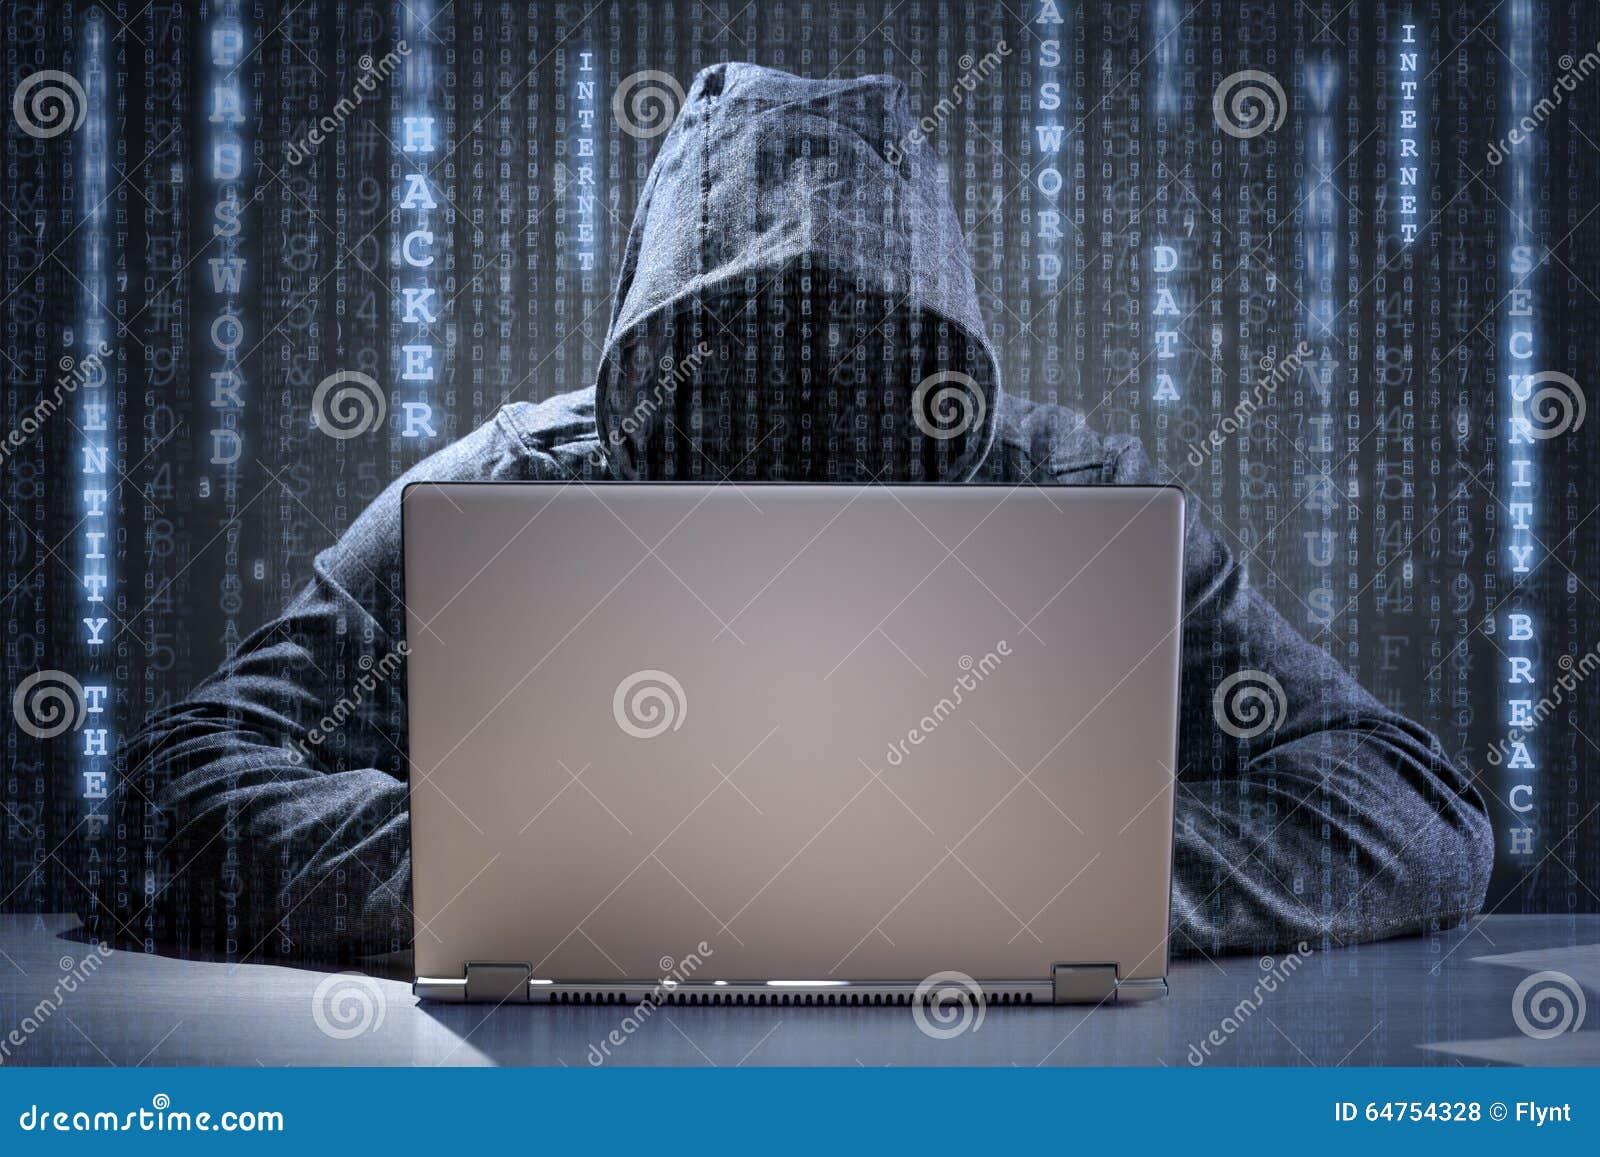 Stealing στοιχεία χάκερ υπολογιστών από ένα lap-top